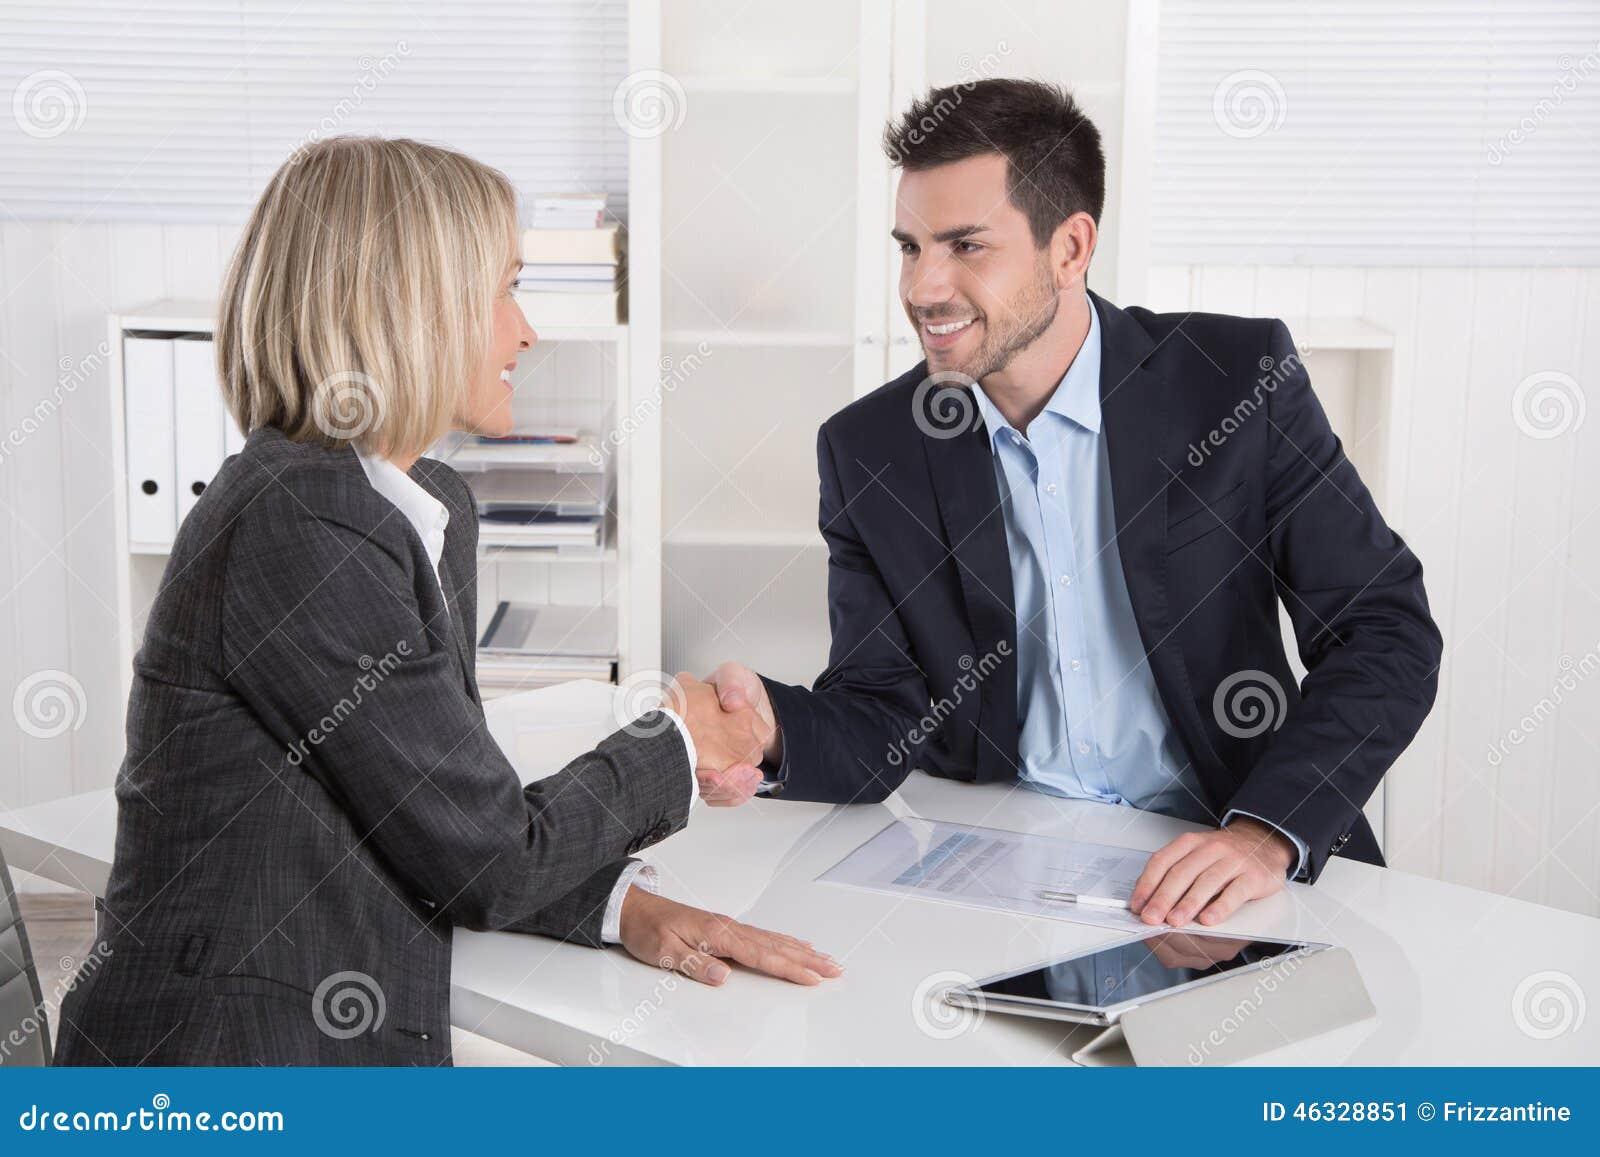 Reunión de negocios acertada con el apretón de manos: cliente y cliente